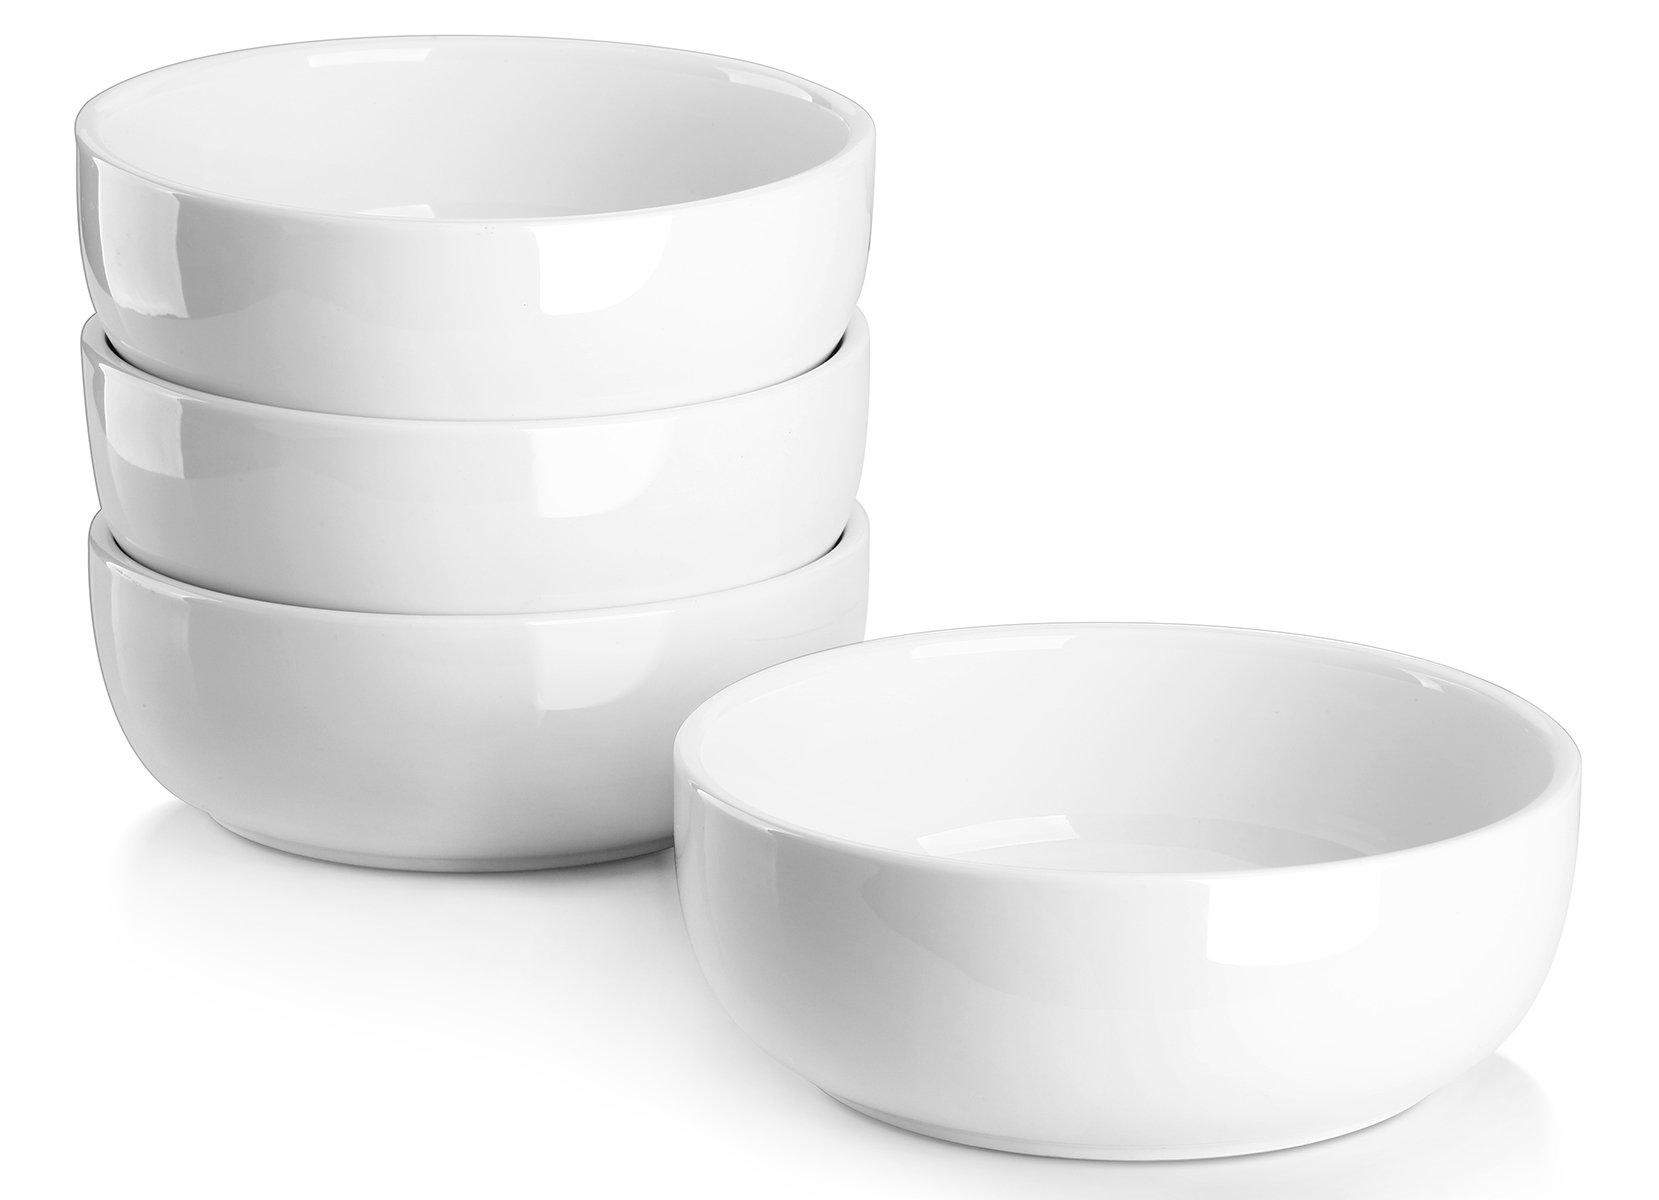 Lifver 20oz/6 inch Porcelain Soup/Cereal Bowls Set, Round & White, Set of 4